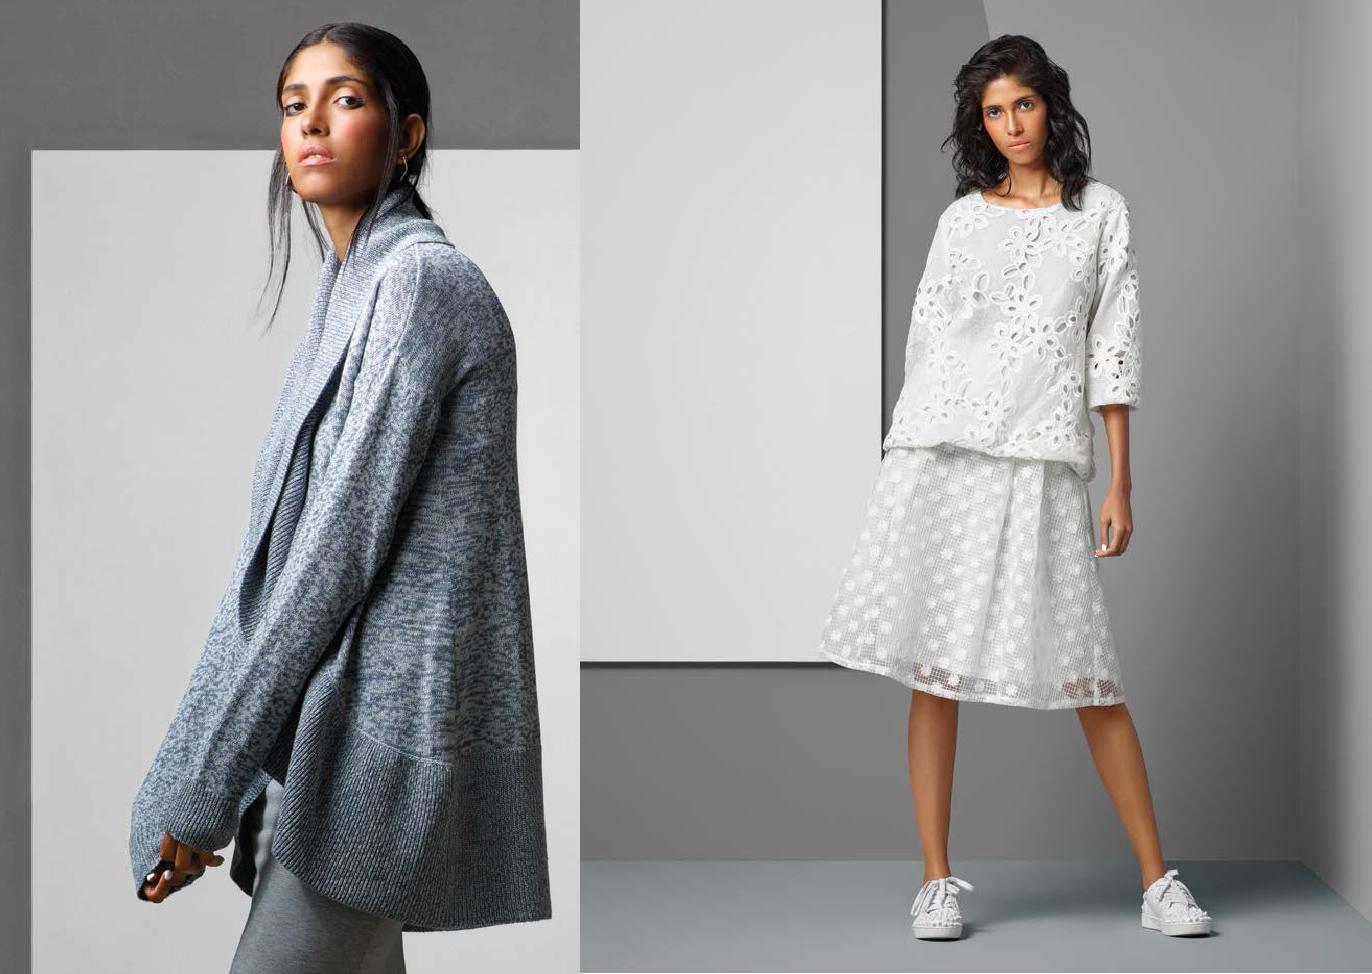 indigostripe_fashion_style